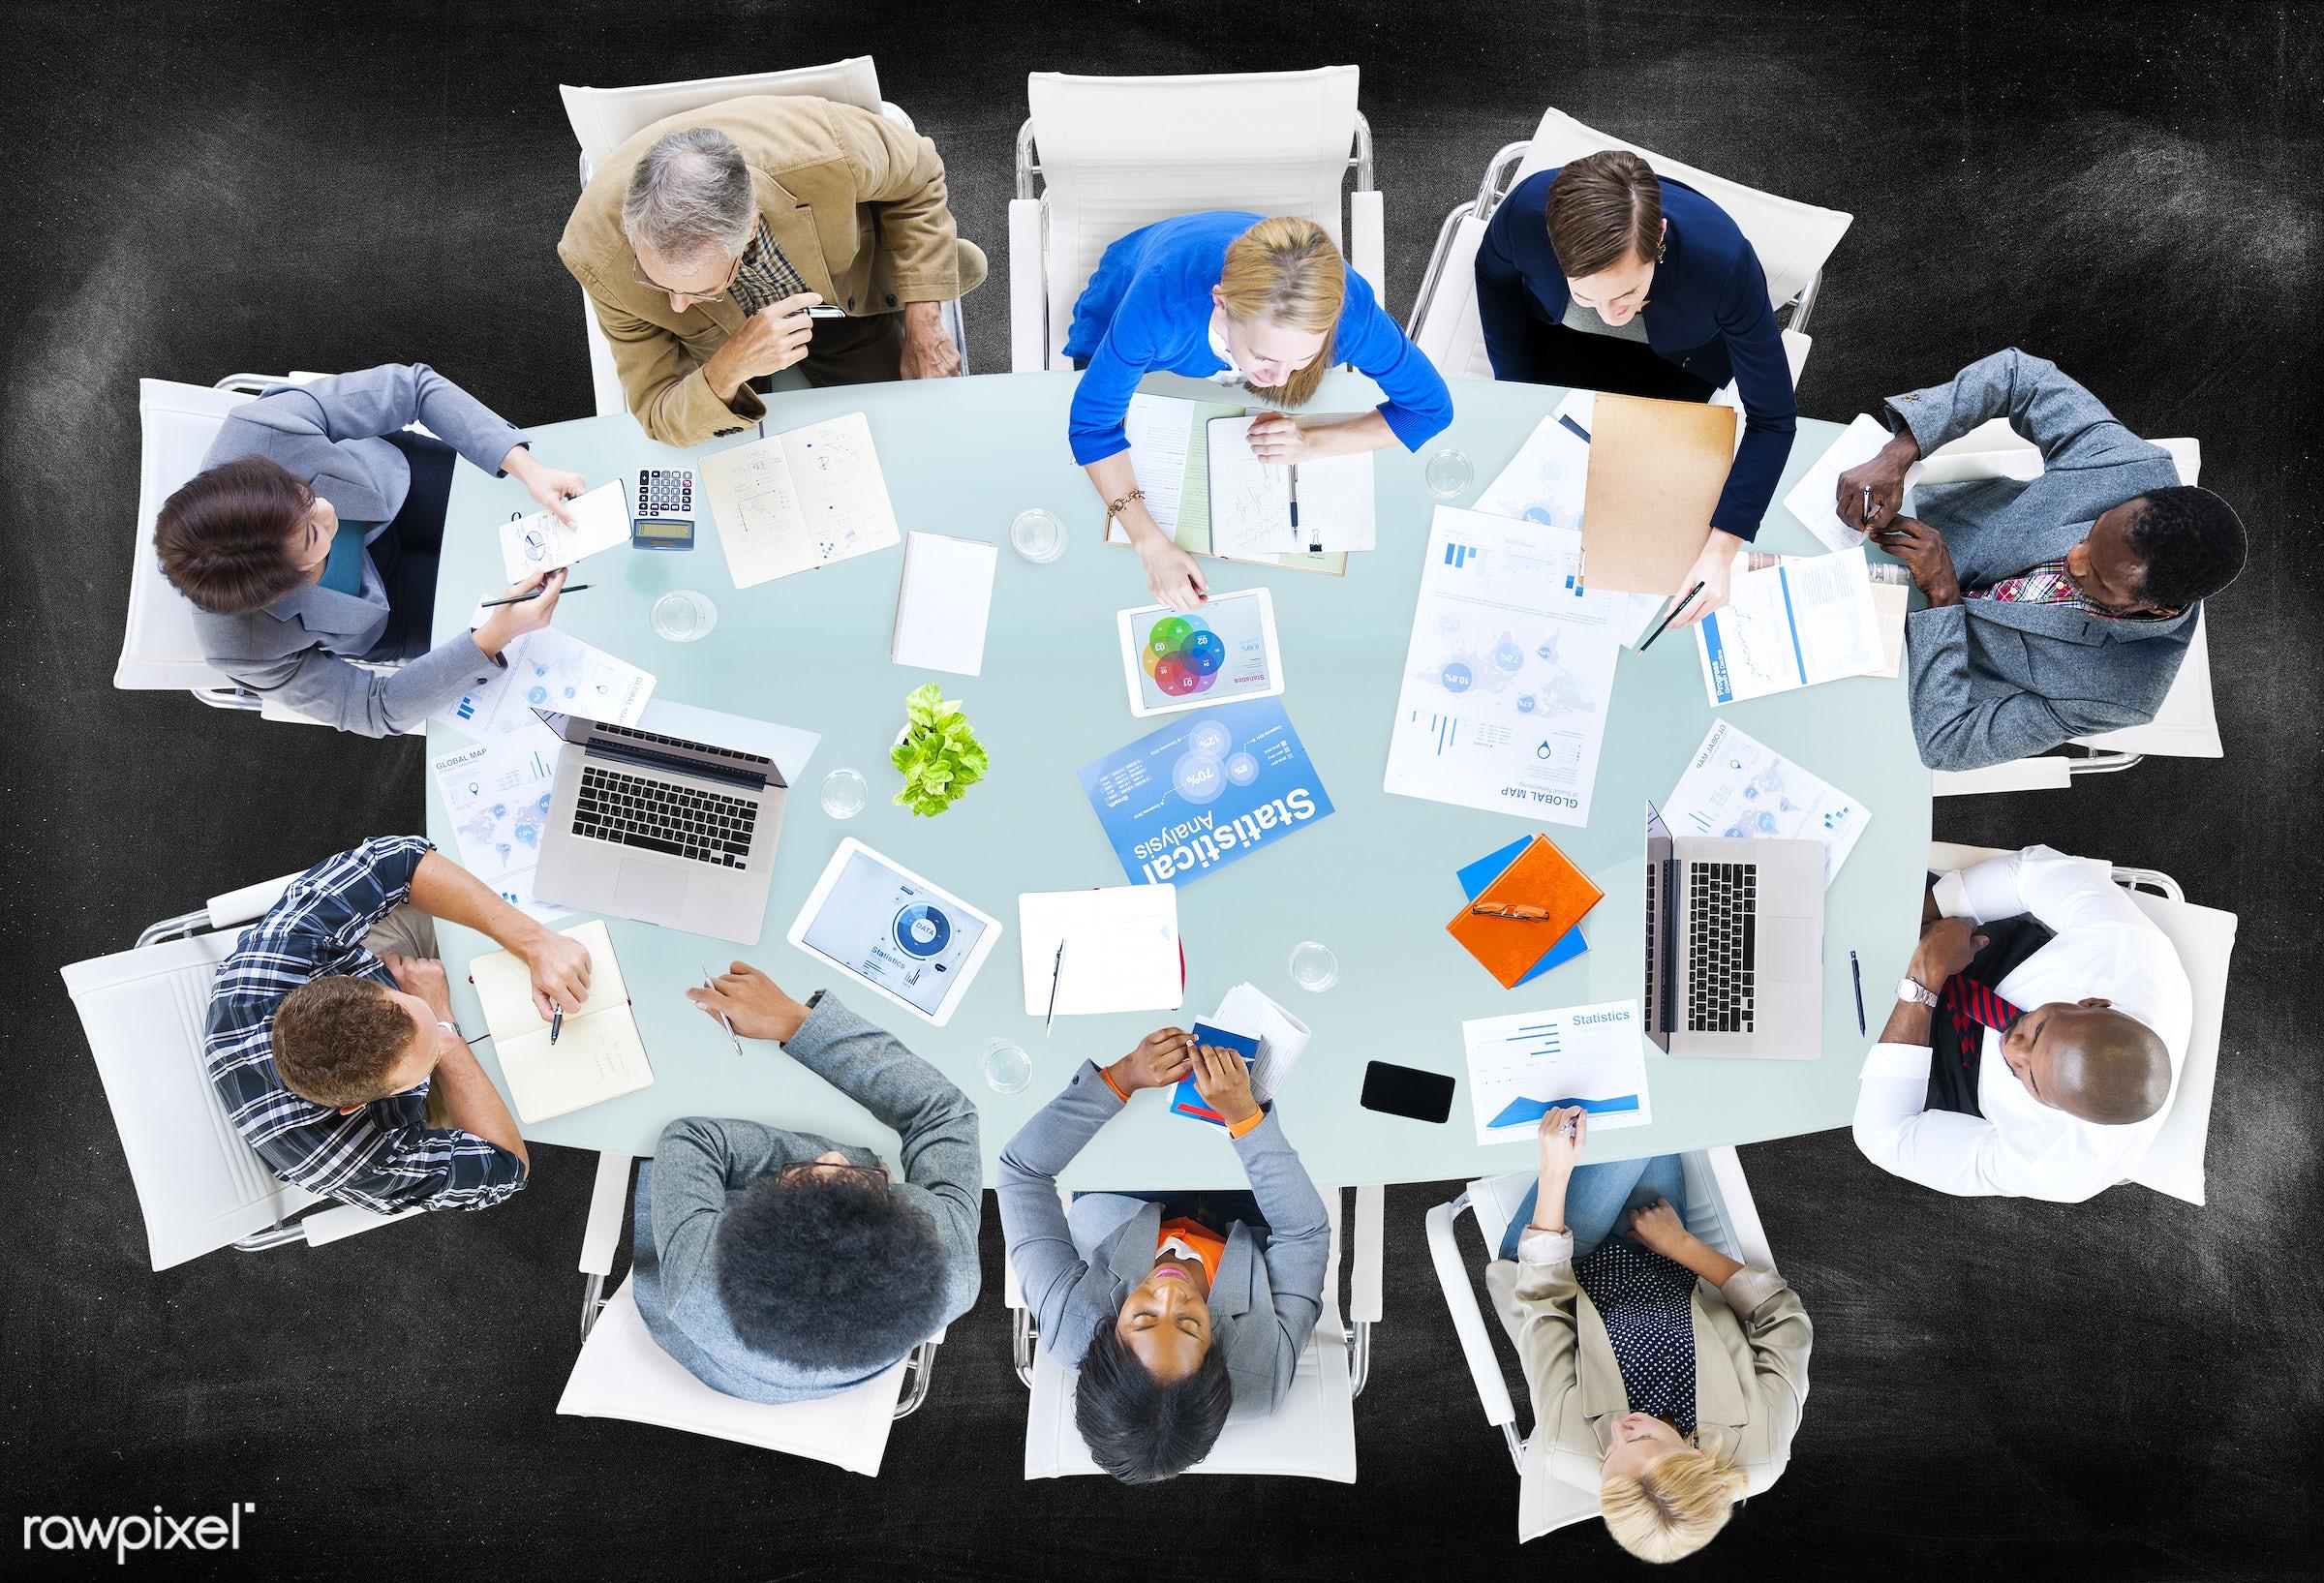 aerial view, blackboard, board, brainstorming, business, business people, businessmen, businesswomen, casual, communication...